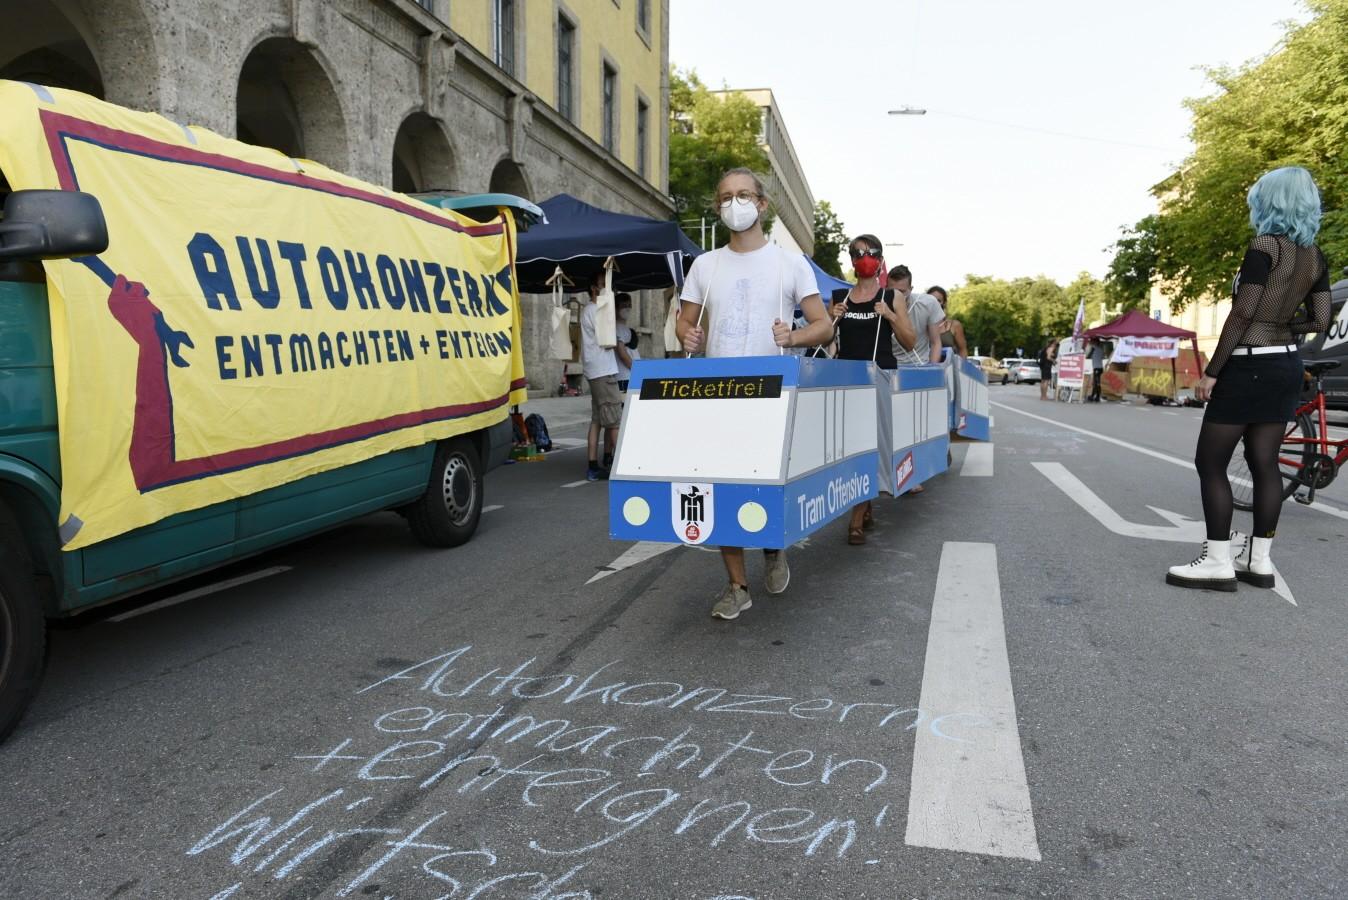 Protest gegen die Automobilausstellung in München (IAA)